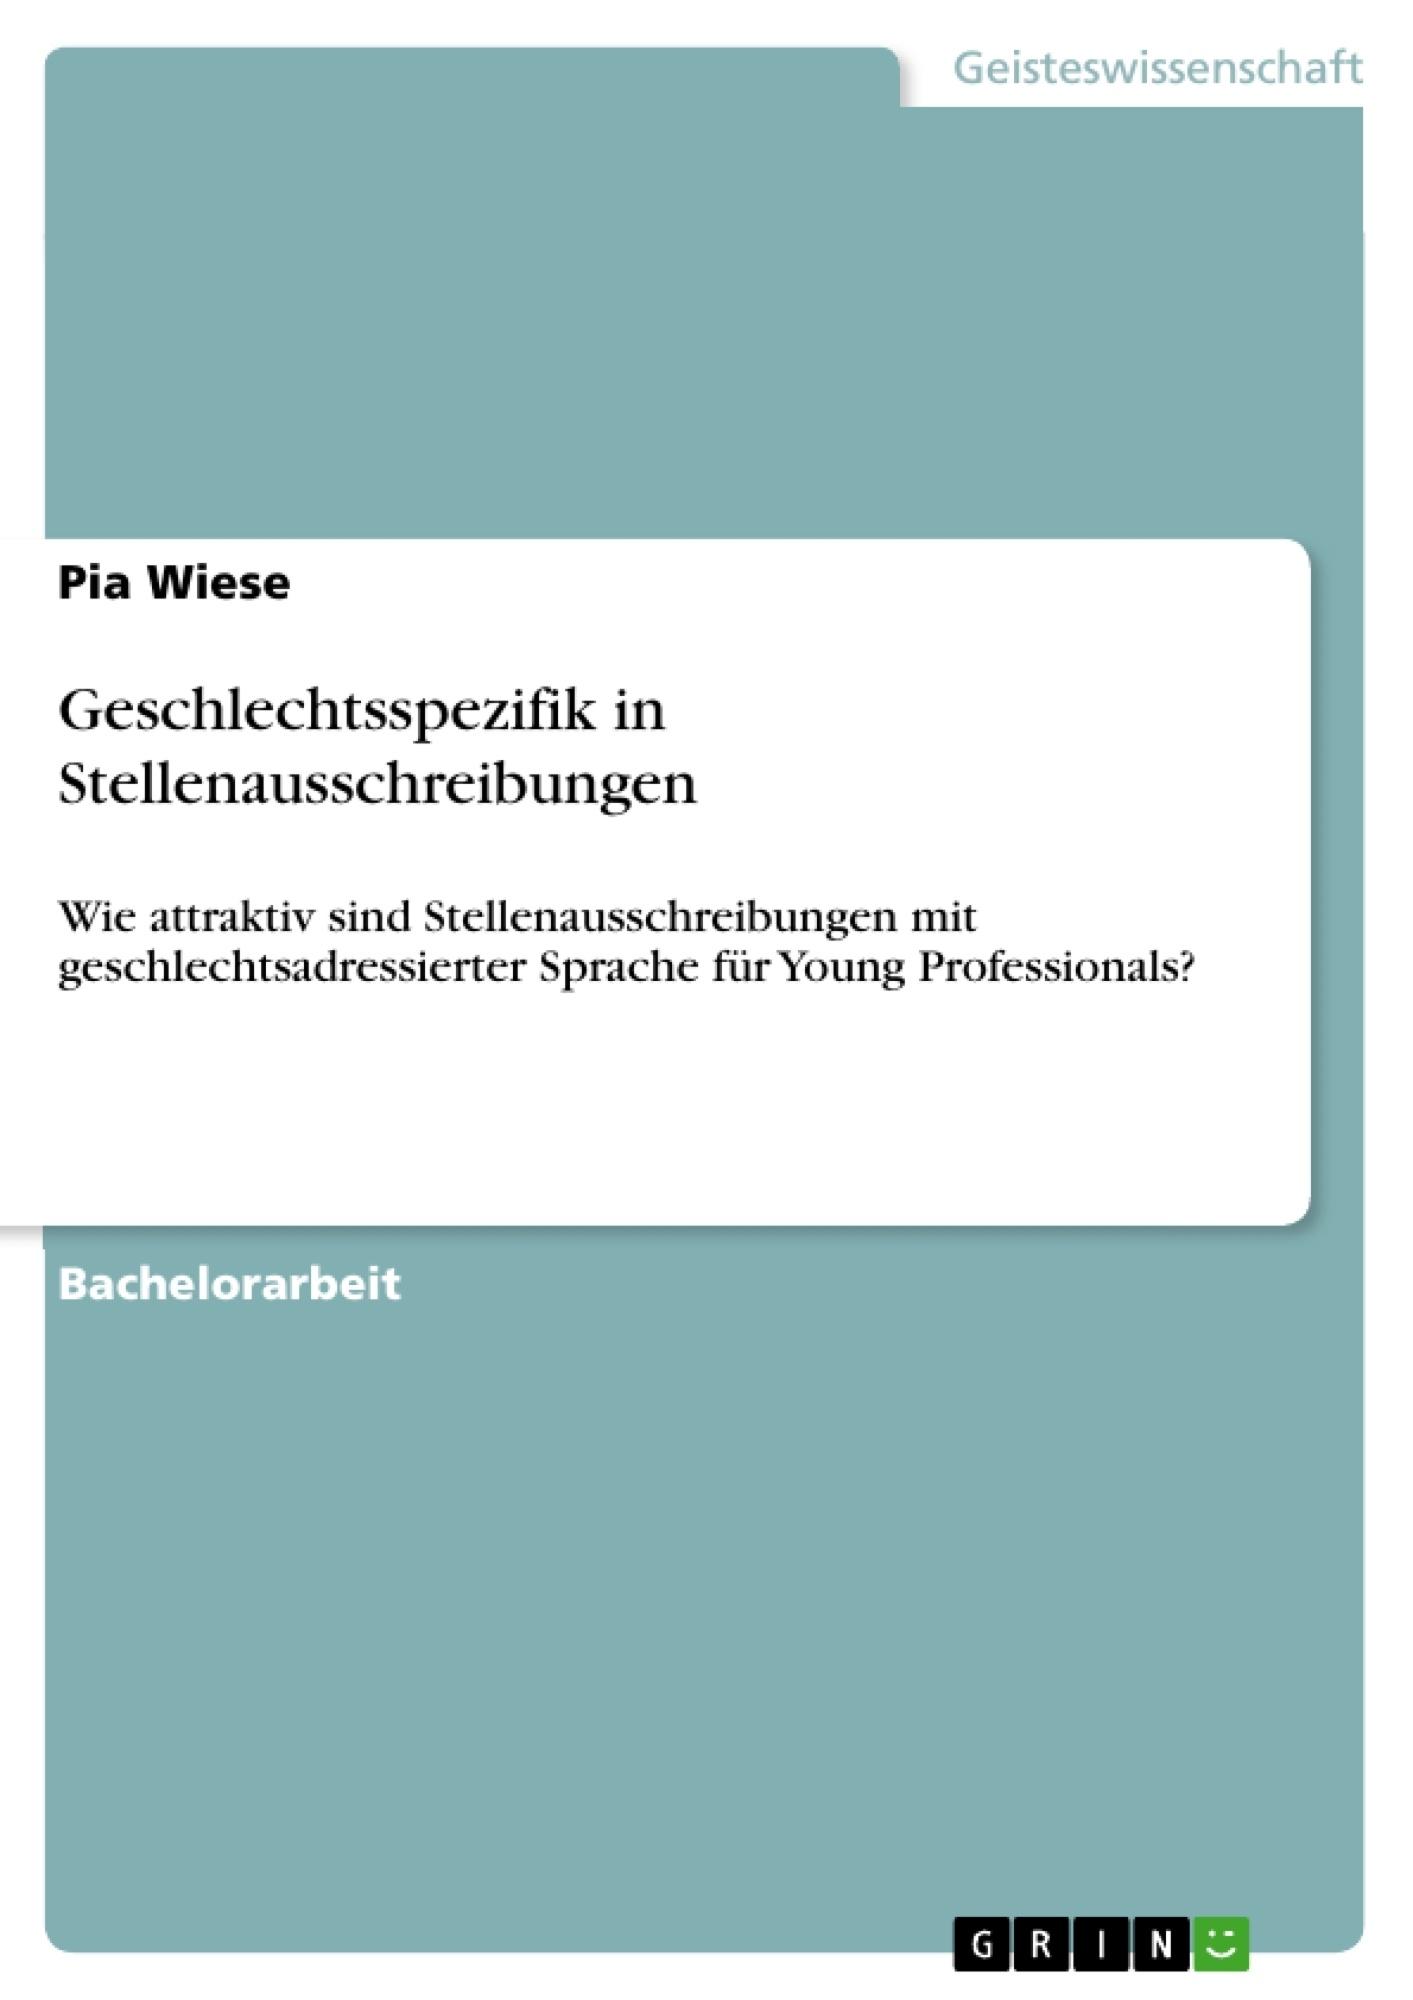 Titel: Geschlechtsspezifik in Stellenausschreibungen